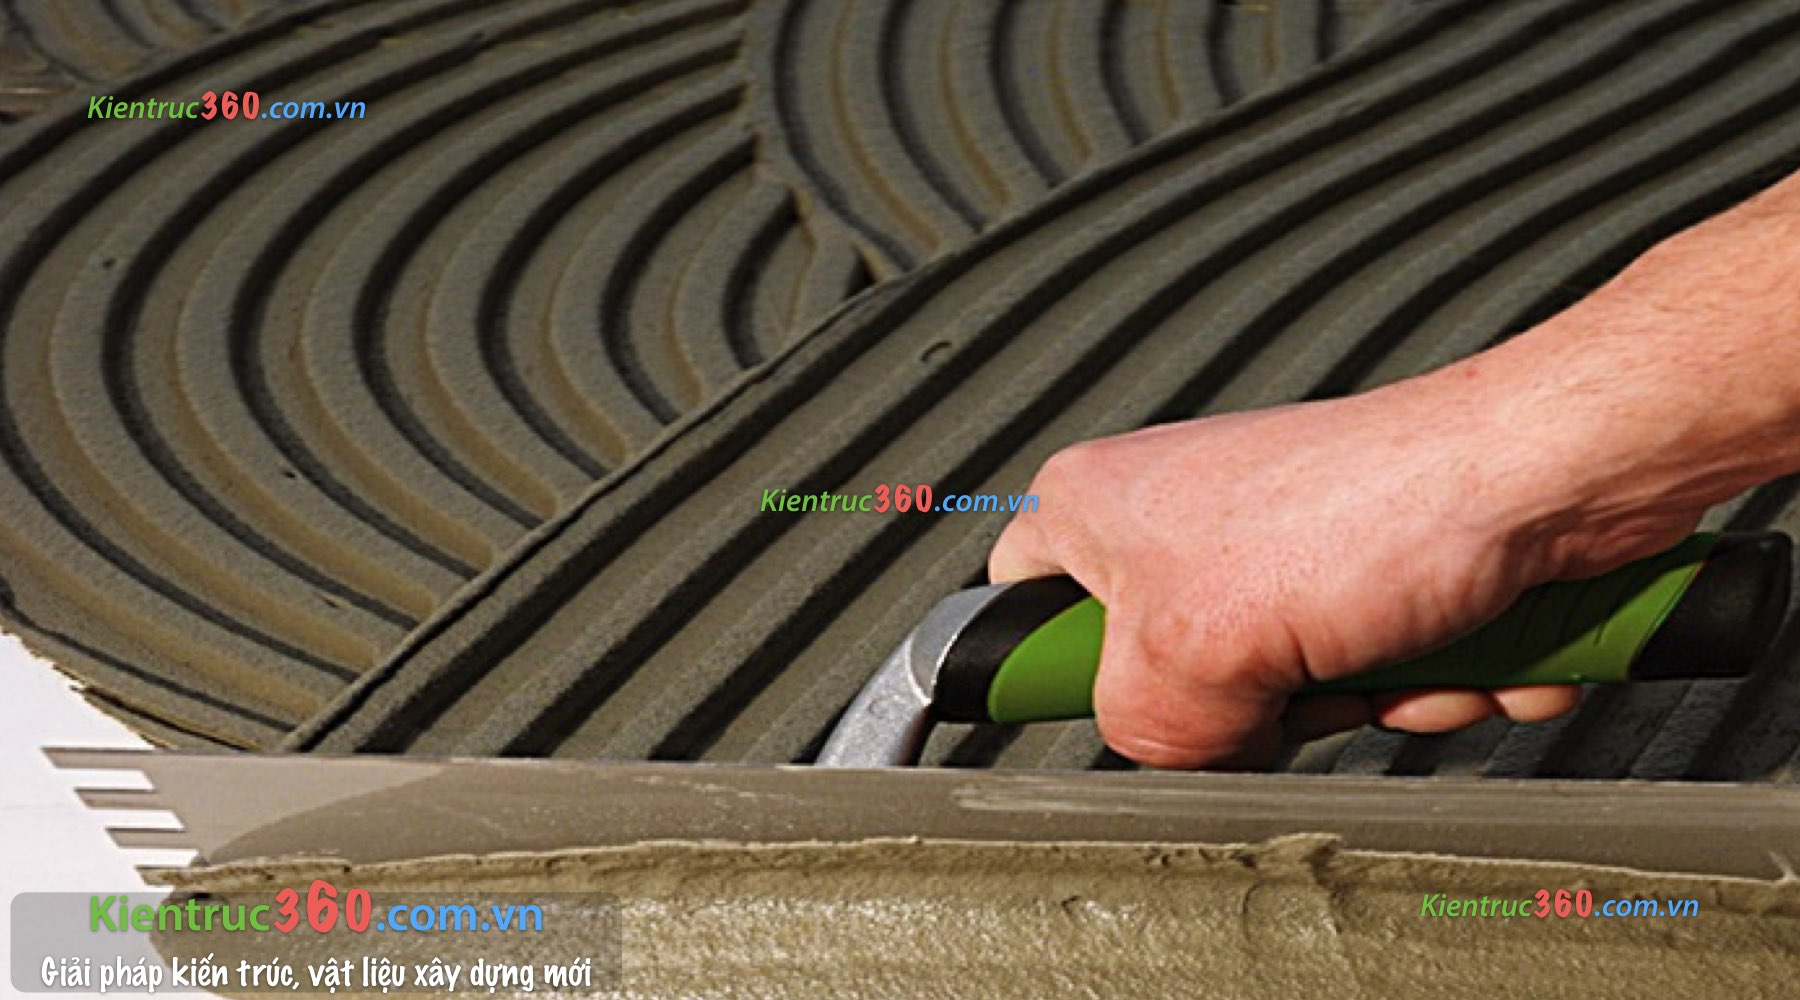 keo chuyên dụng ốp tường sử dụng tấm cemboard Smartboard